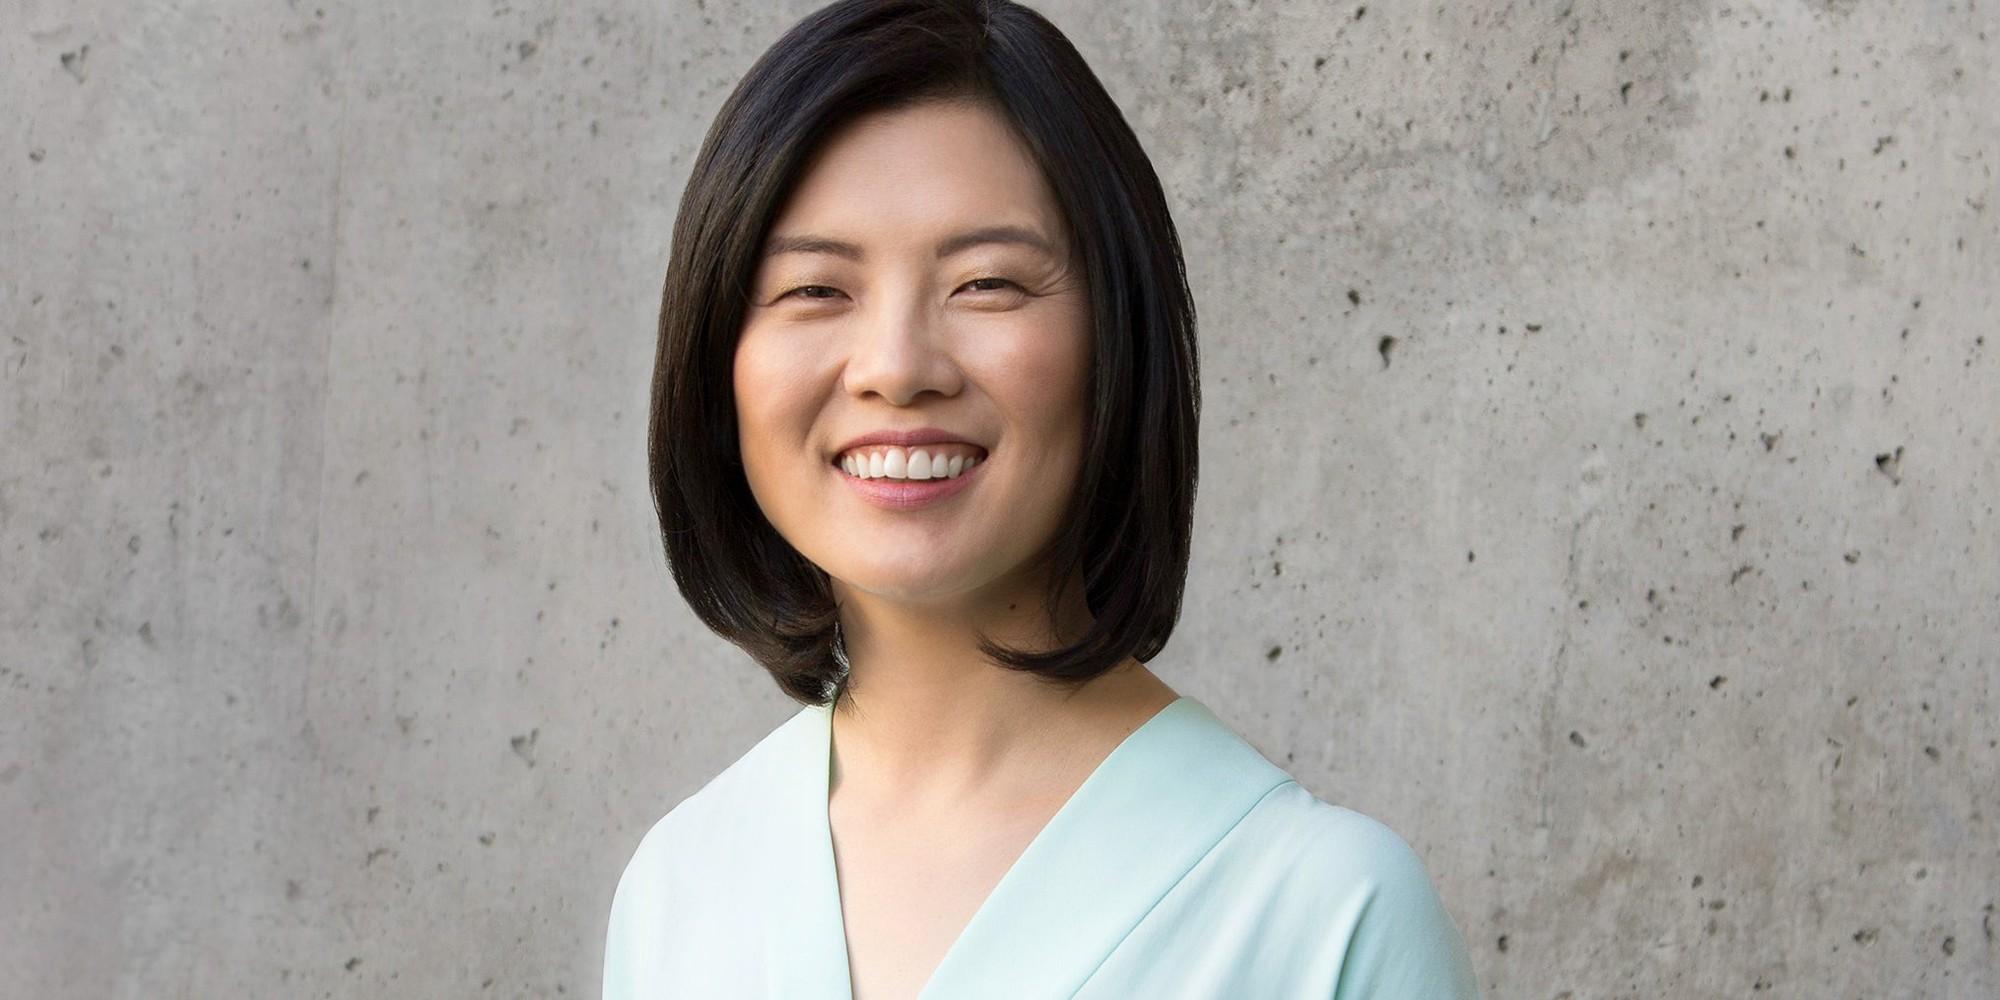 Nữ kỹ sư công nghệ tiết lộ bí kíp để được Apple, Google và Microsoft mời làm việc - Ảnh 1.